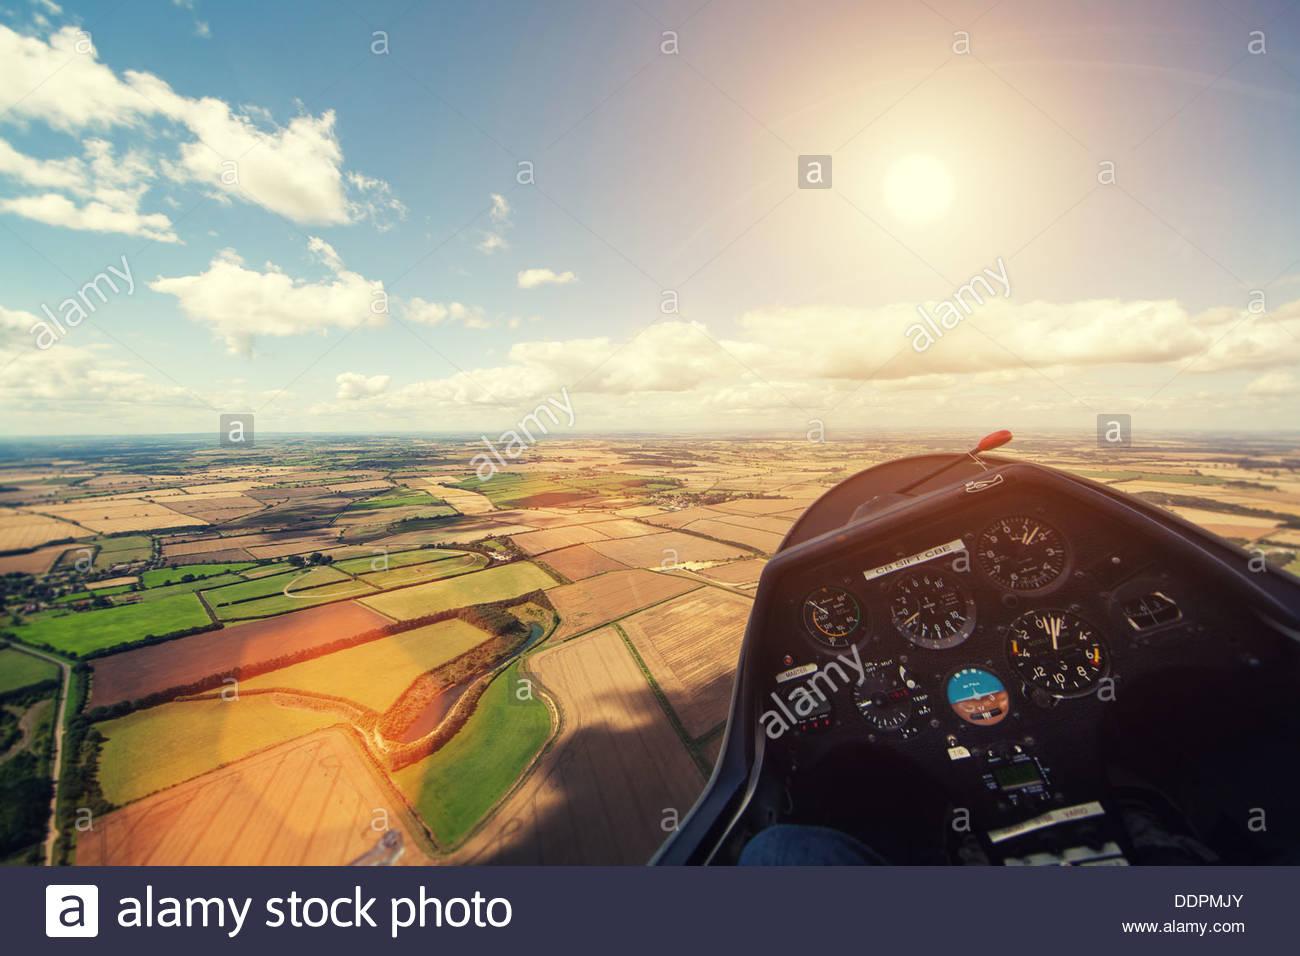 Glider Stockfotos & Glider Bilder - Alamy